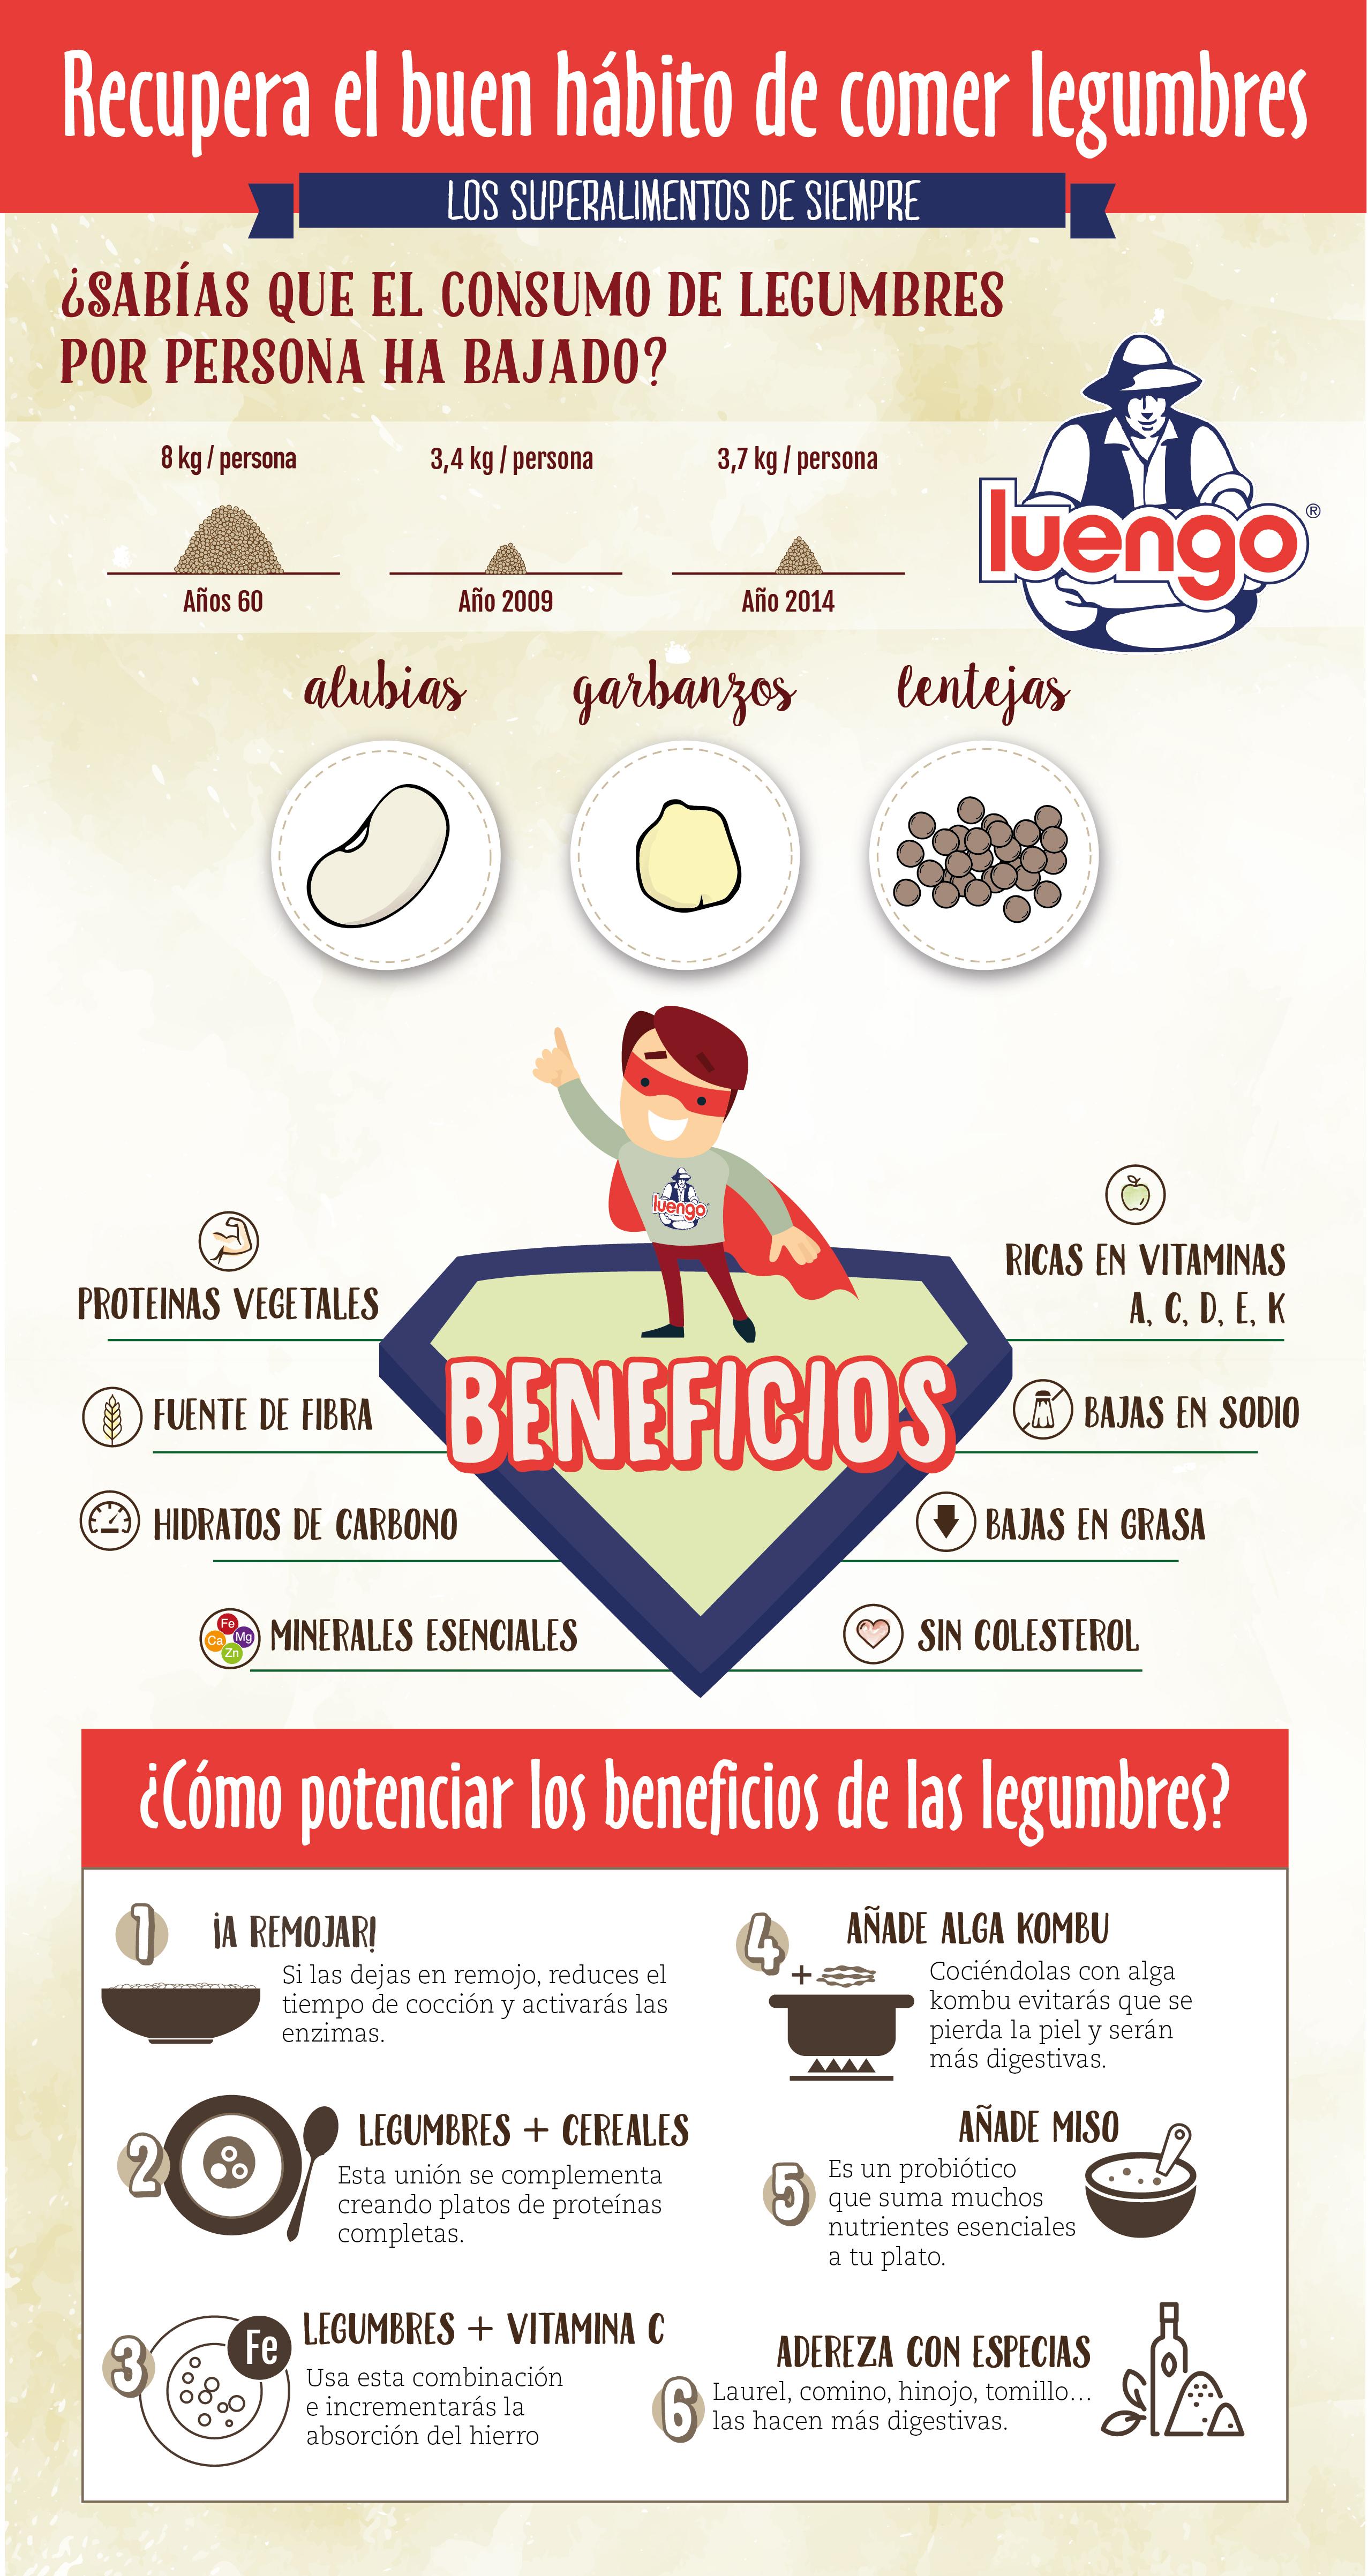 recupera el buen habito de comer legumbres infografia